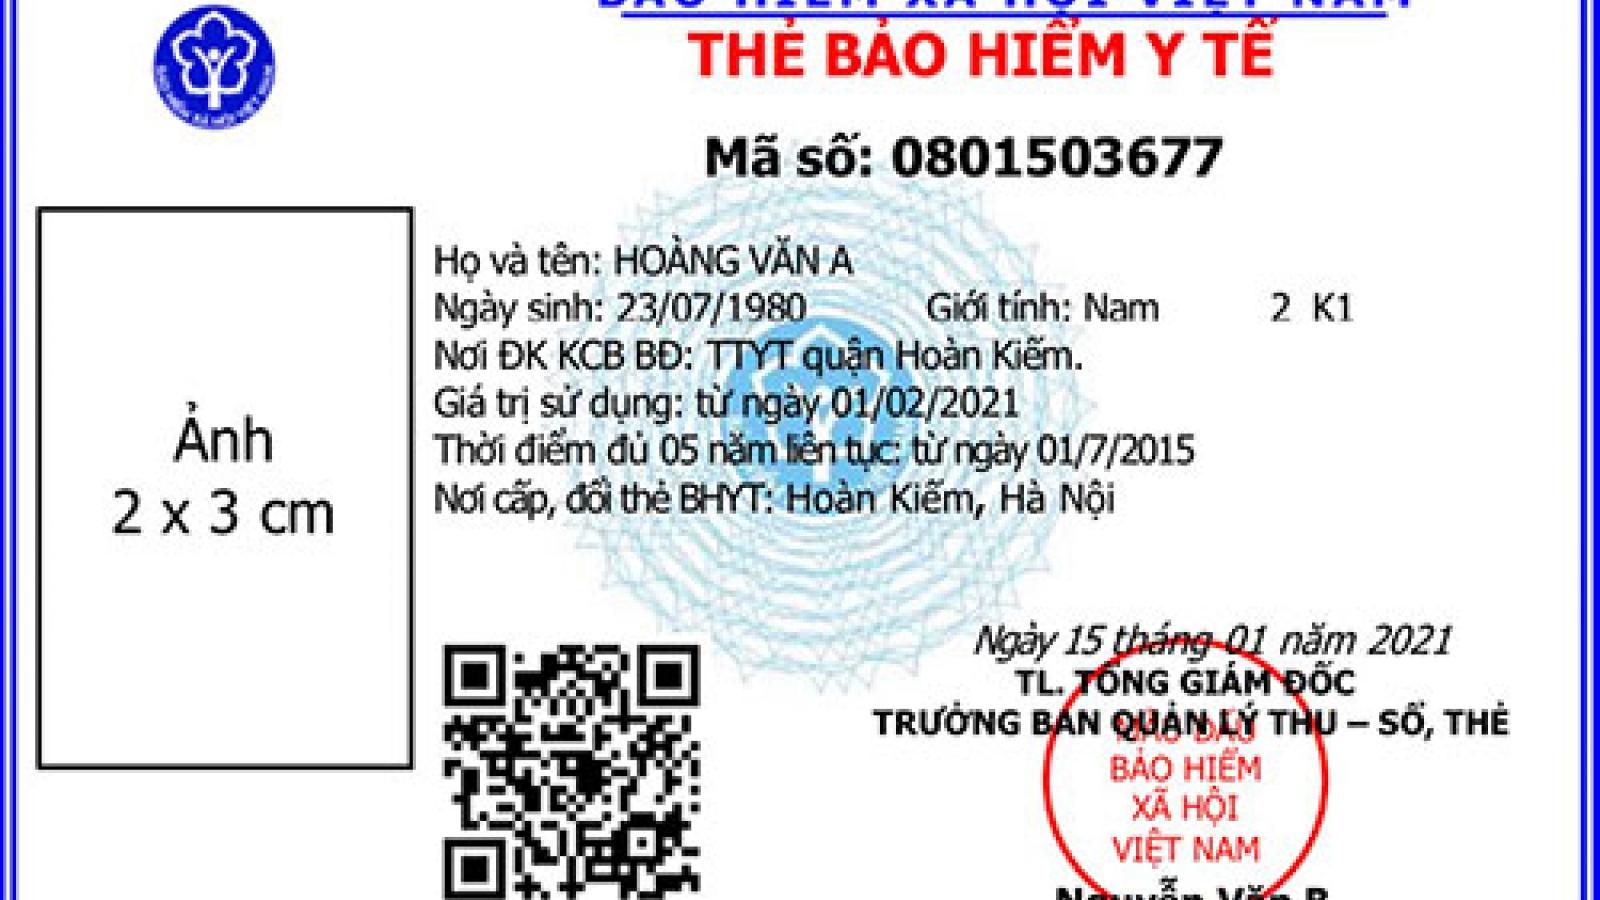 Khi nào được cấp thẻ BHYT mẫu mới?